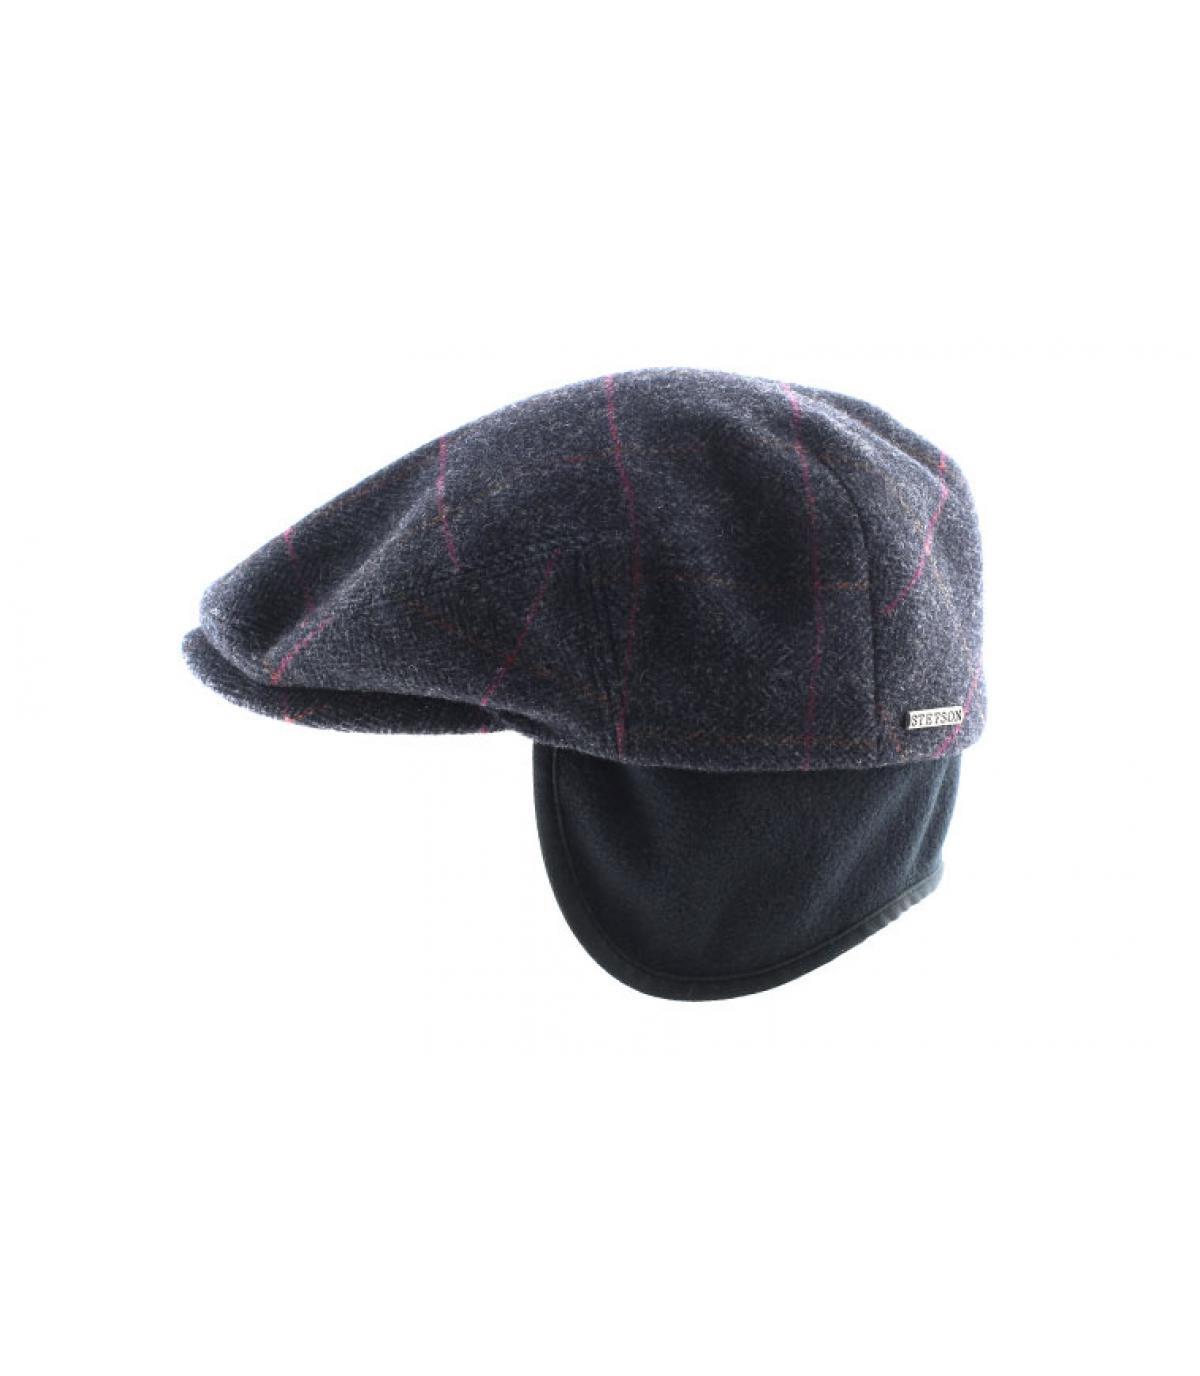 Détails Kent wool Earflap grey - image 4